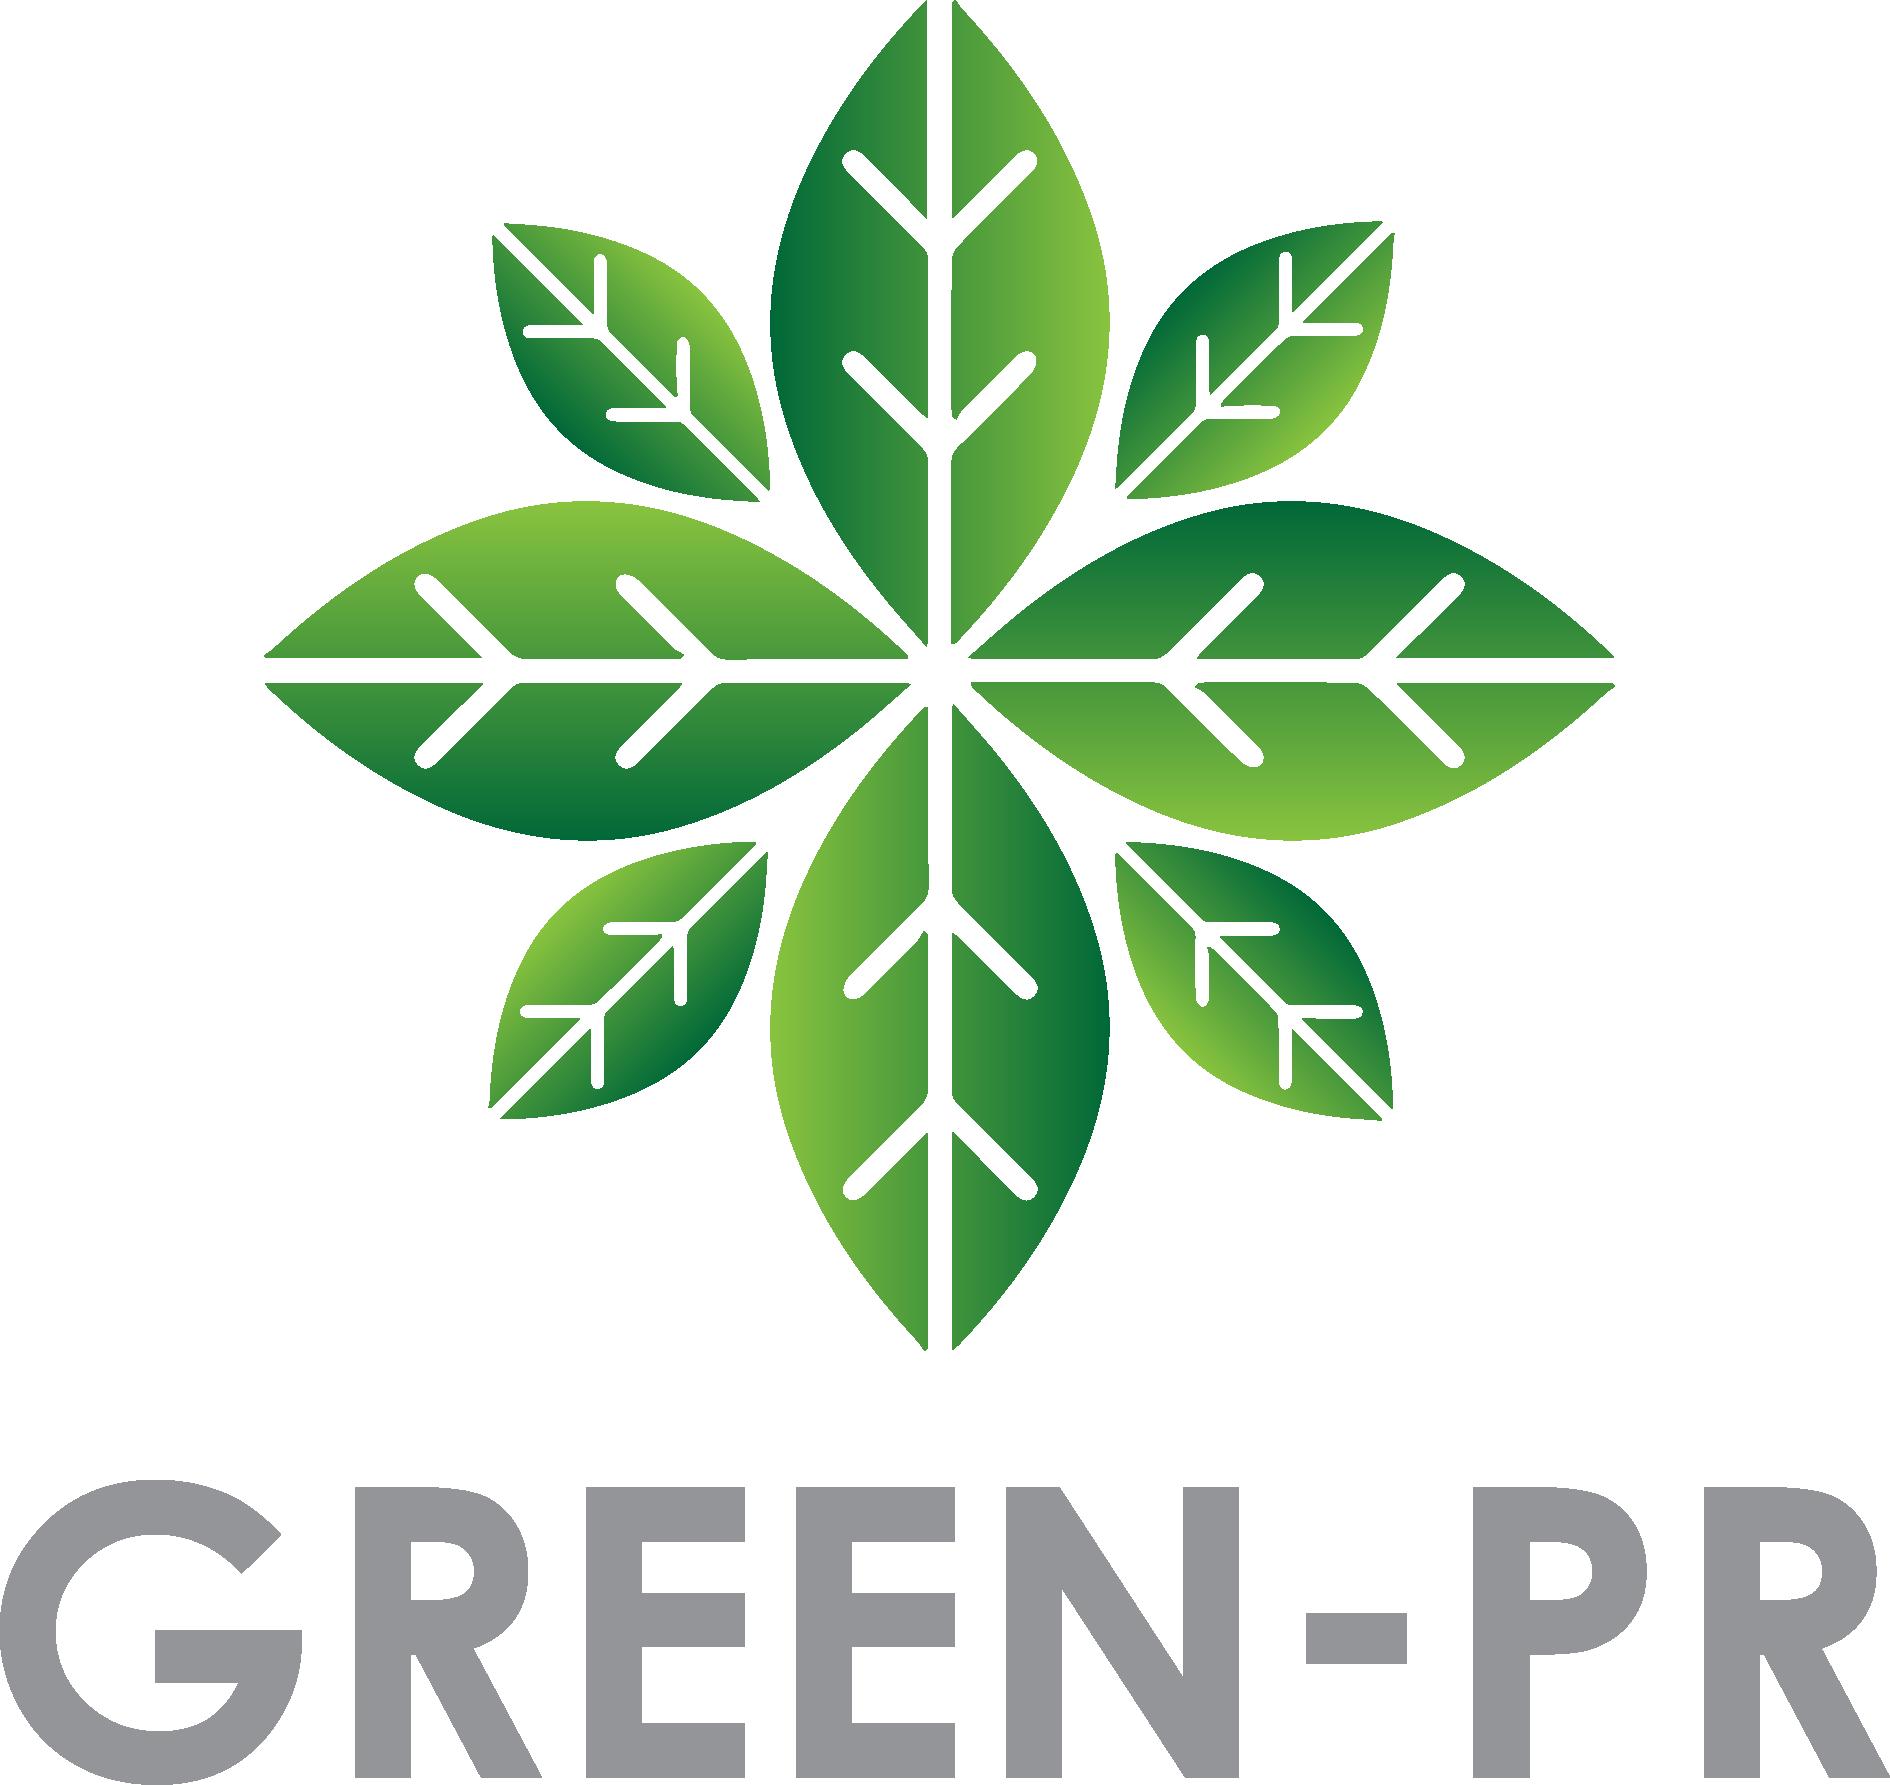 GreenPRLogov1